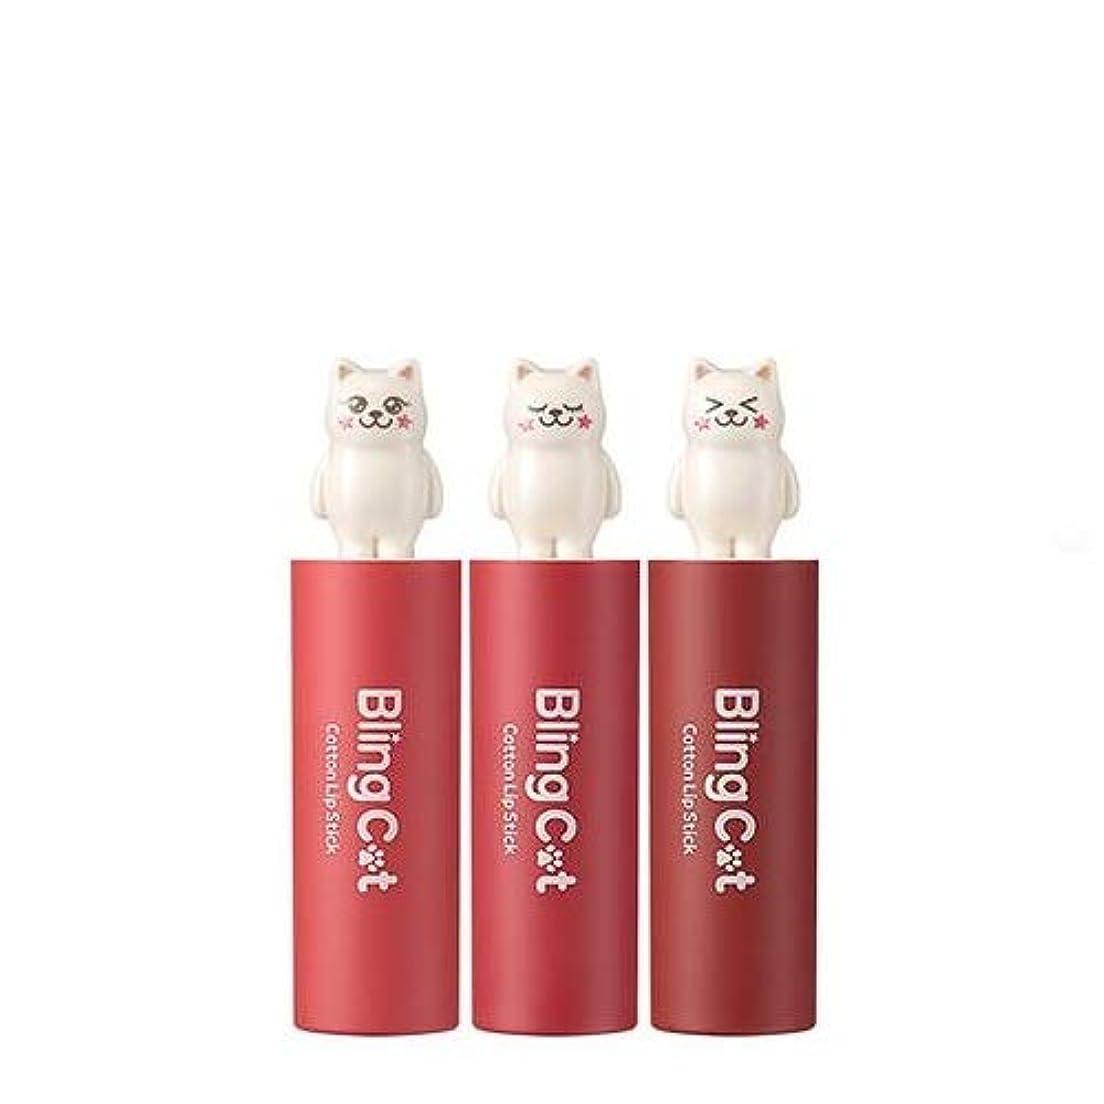 うんシンボルひばりトニーモリー ブリングキャット コットン リップスティック 3.4g / TONYMOLY Bling Cat Cotton Lipstick # 06. Chic Brick [並行輸入品]